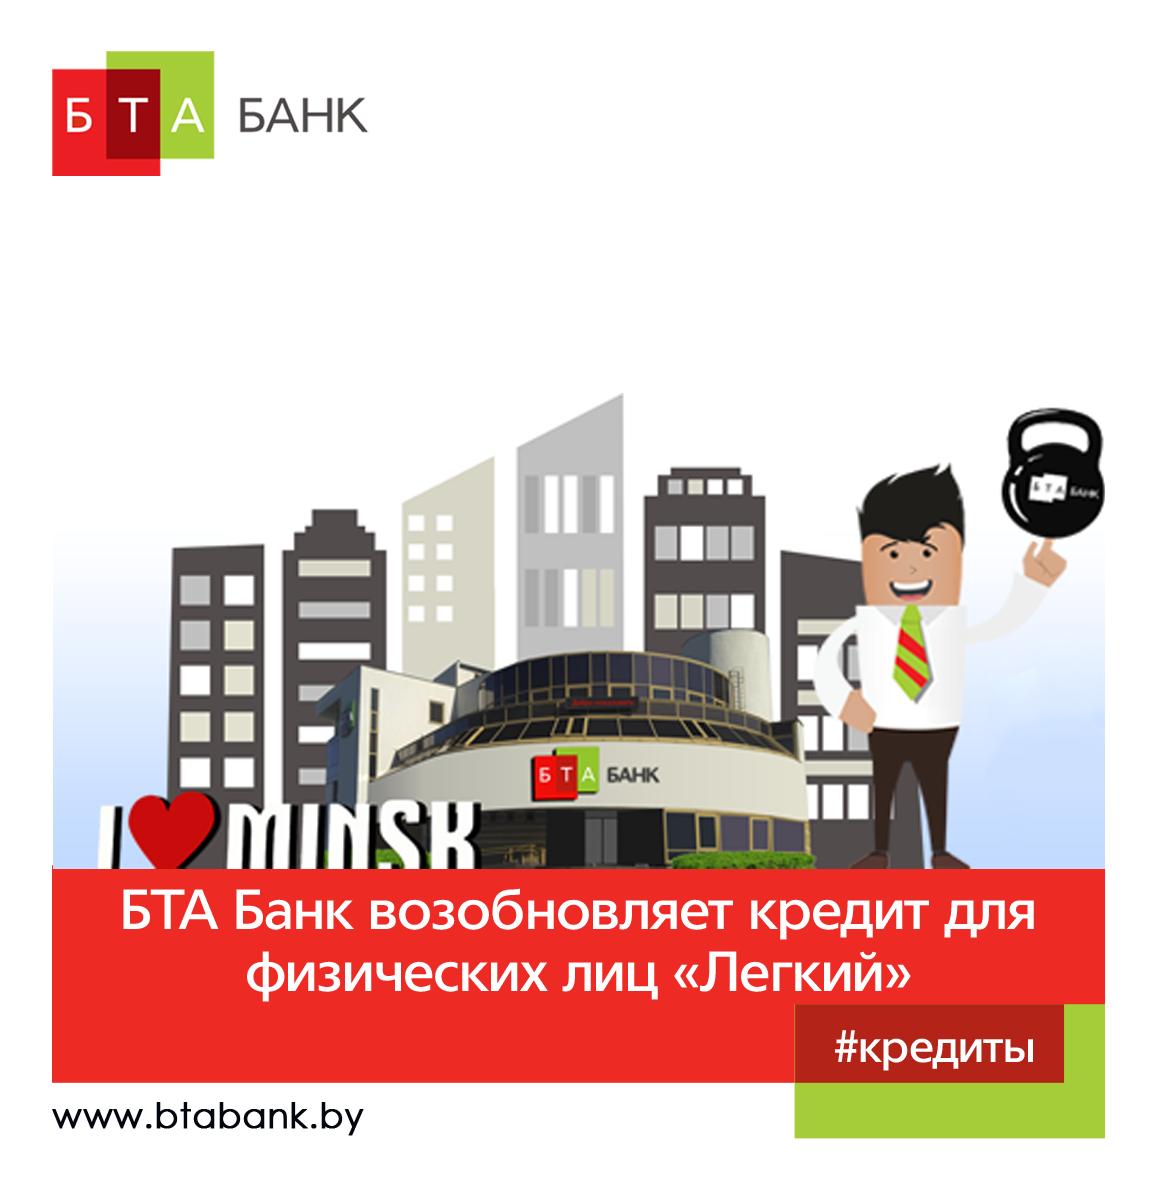 бта банк кредит онлайн анкета клиента кредит на приобретение недвижимости